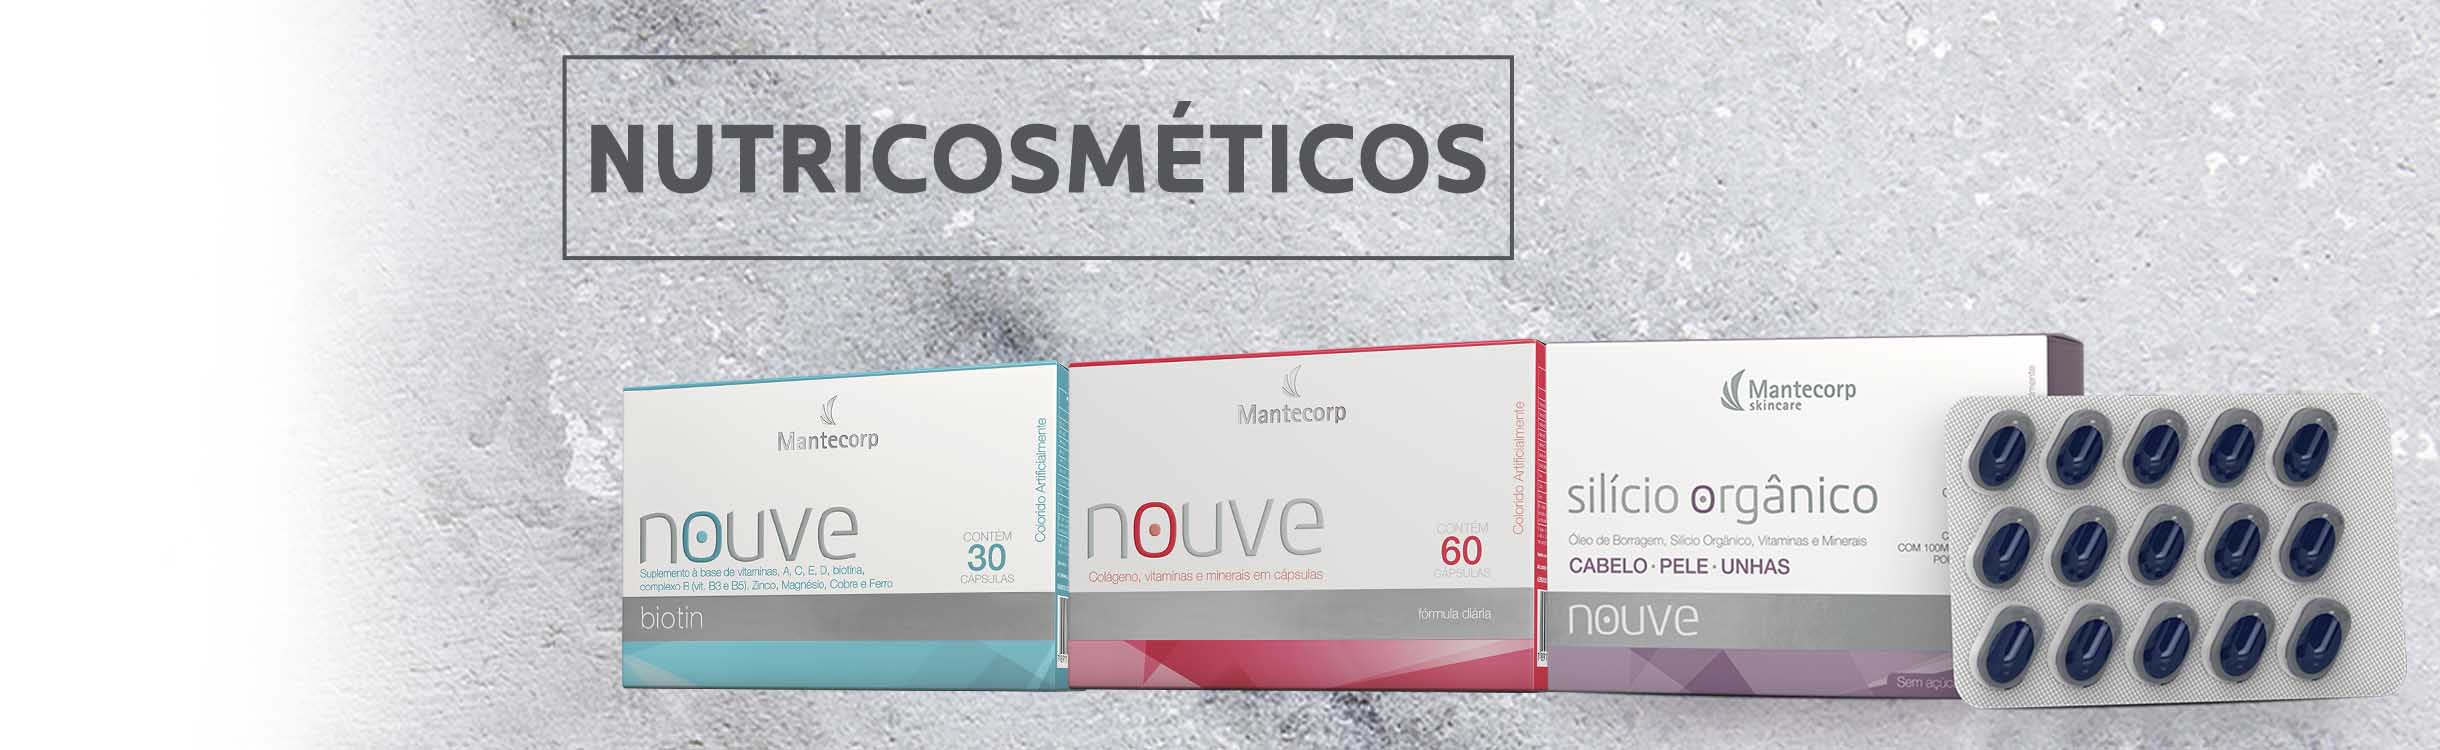 Nutricosméticos Mantecorp